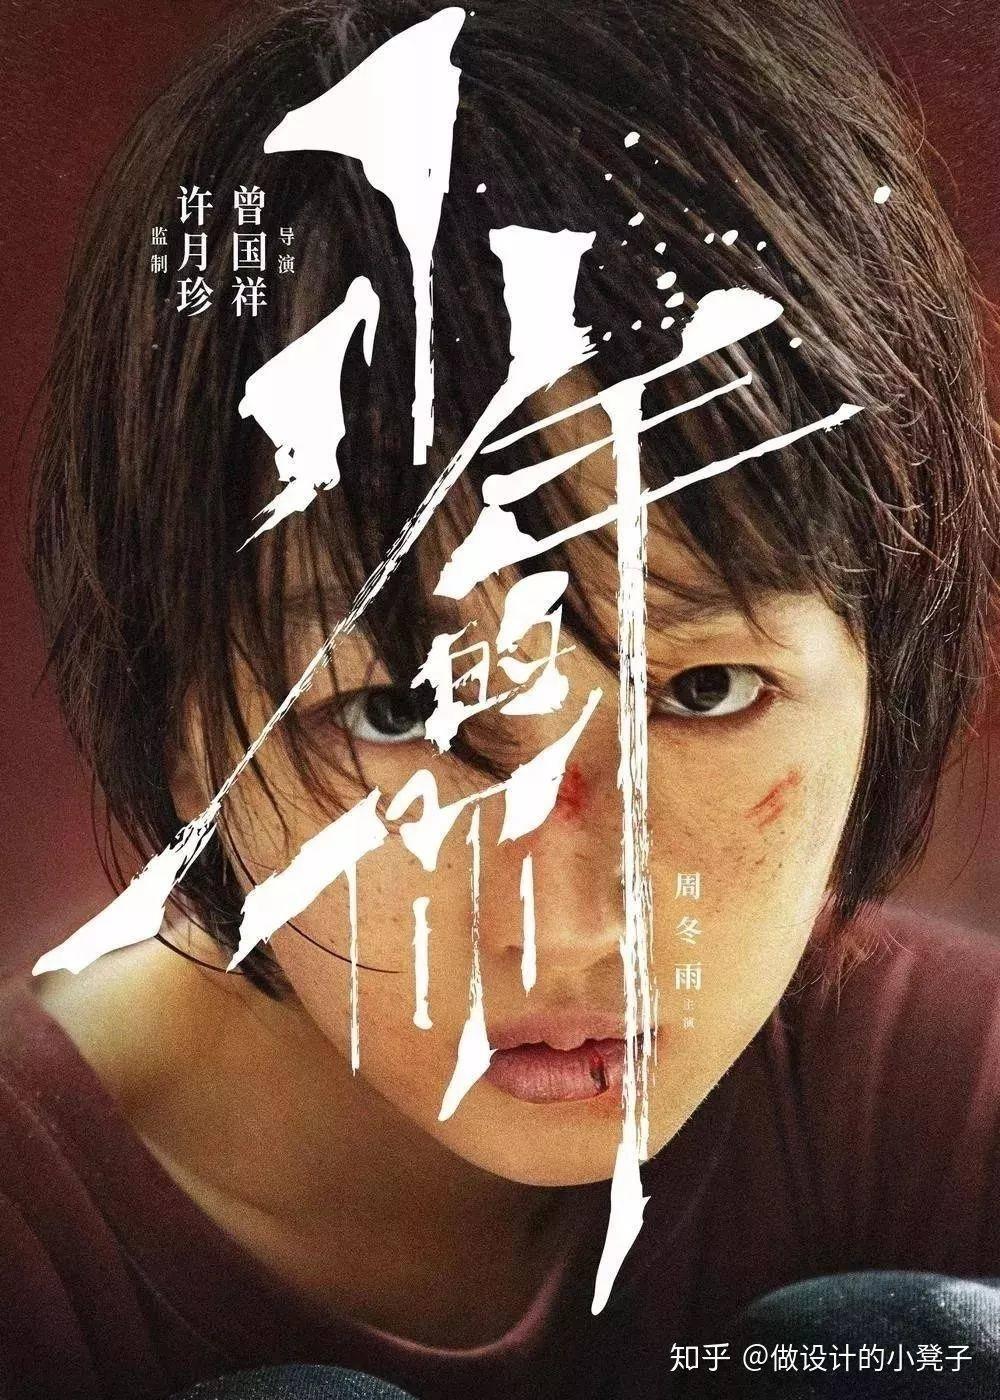 《少年的你》电影海报设计赏析 快来看看吧